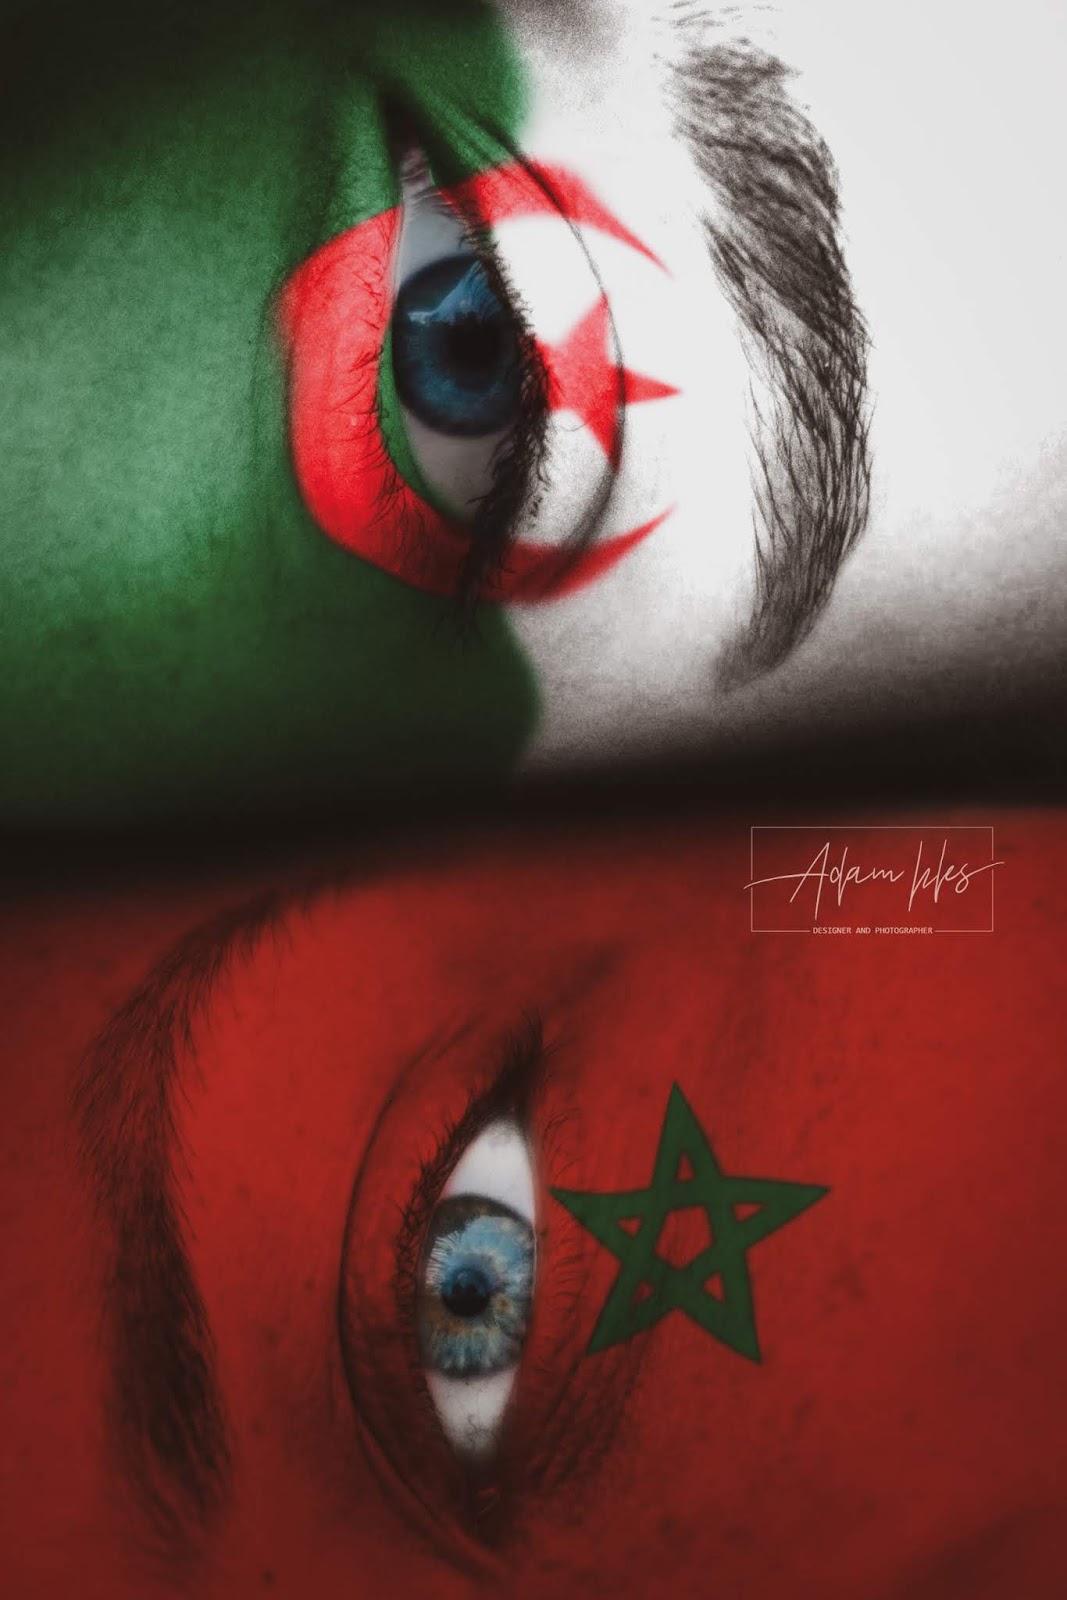 صورة علم لبنان وعلم العراق